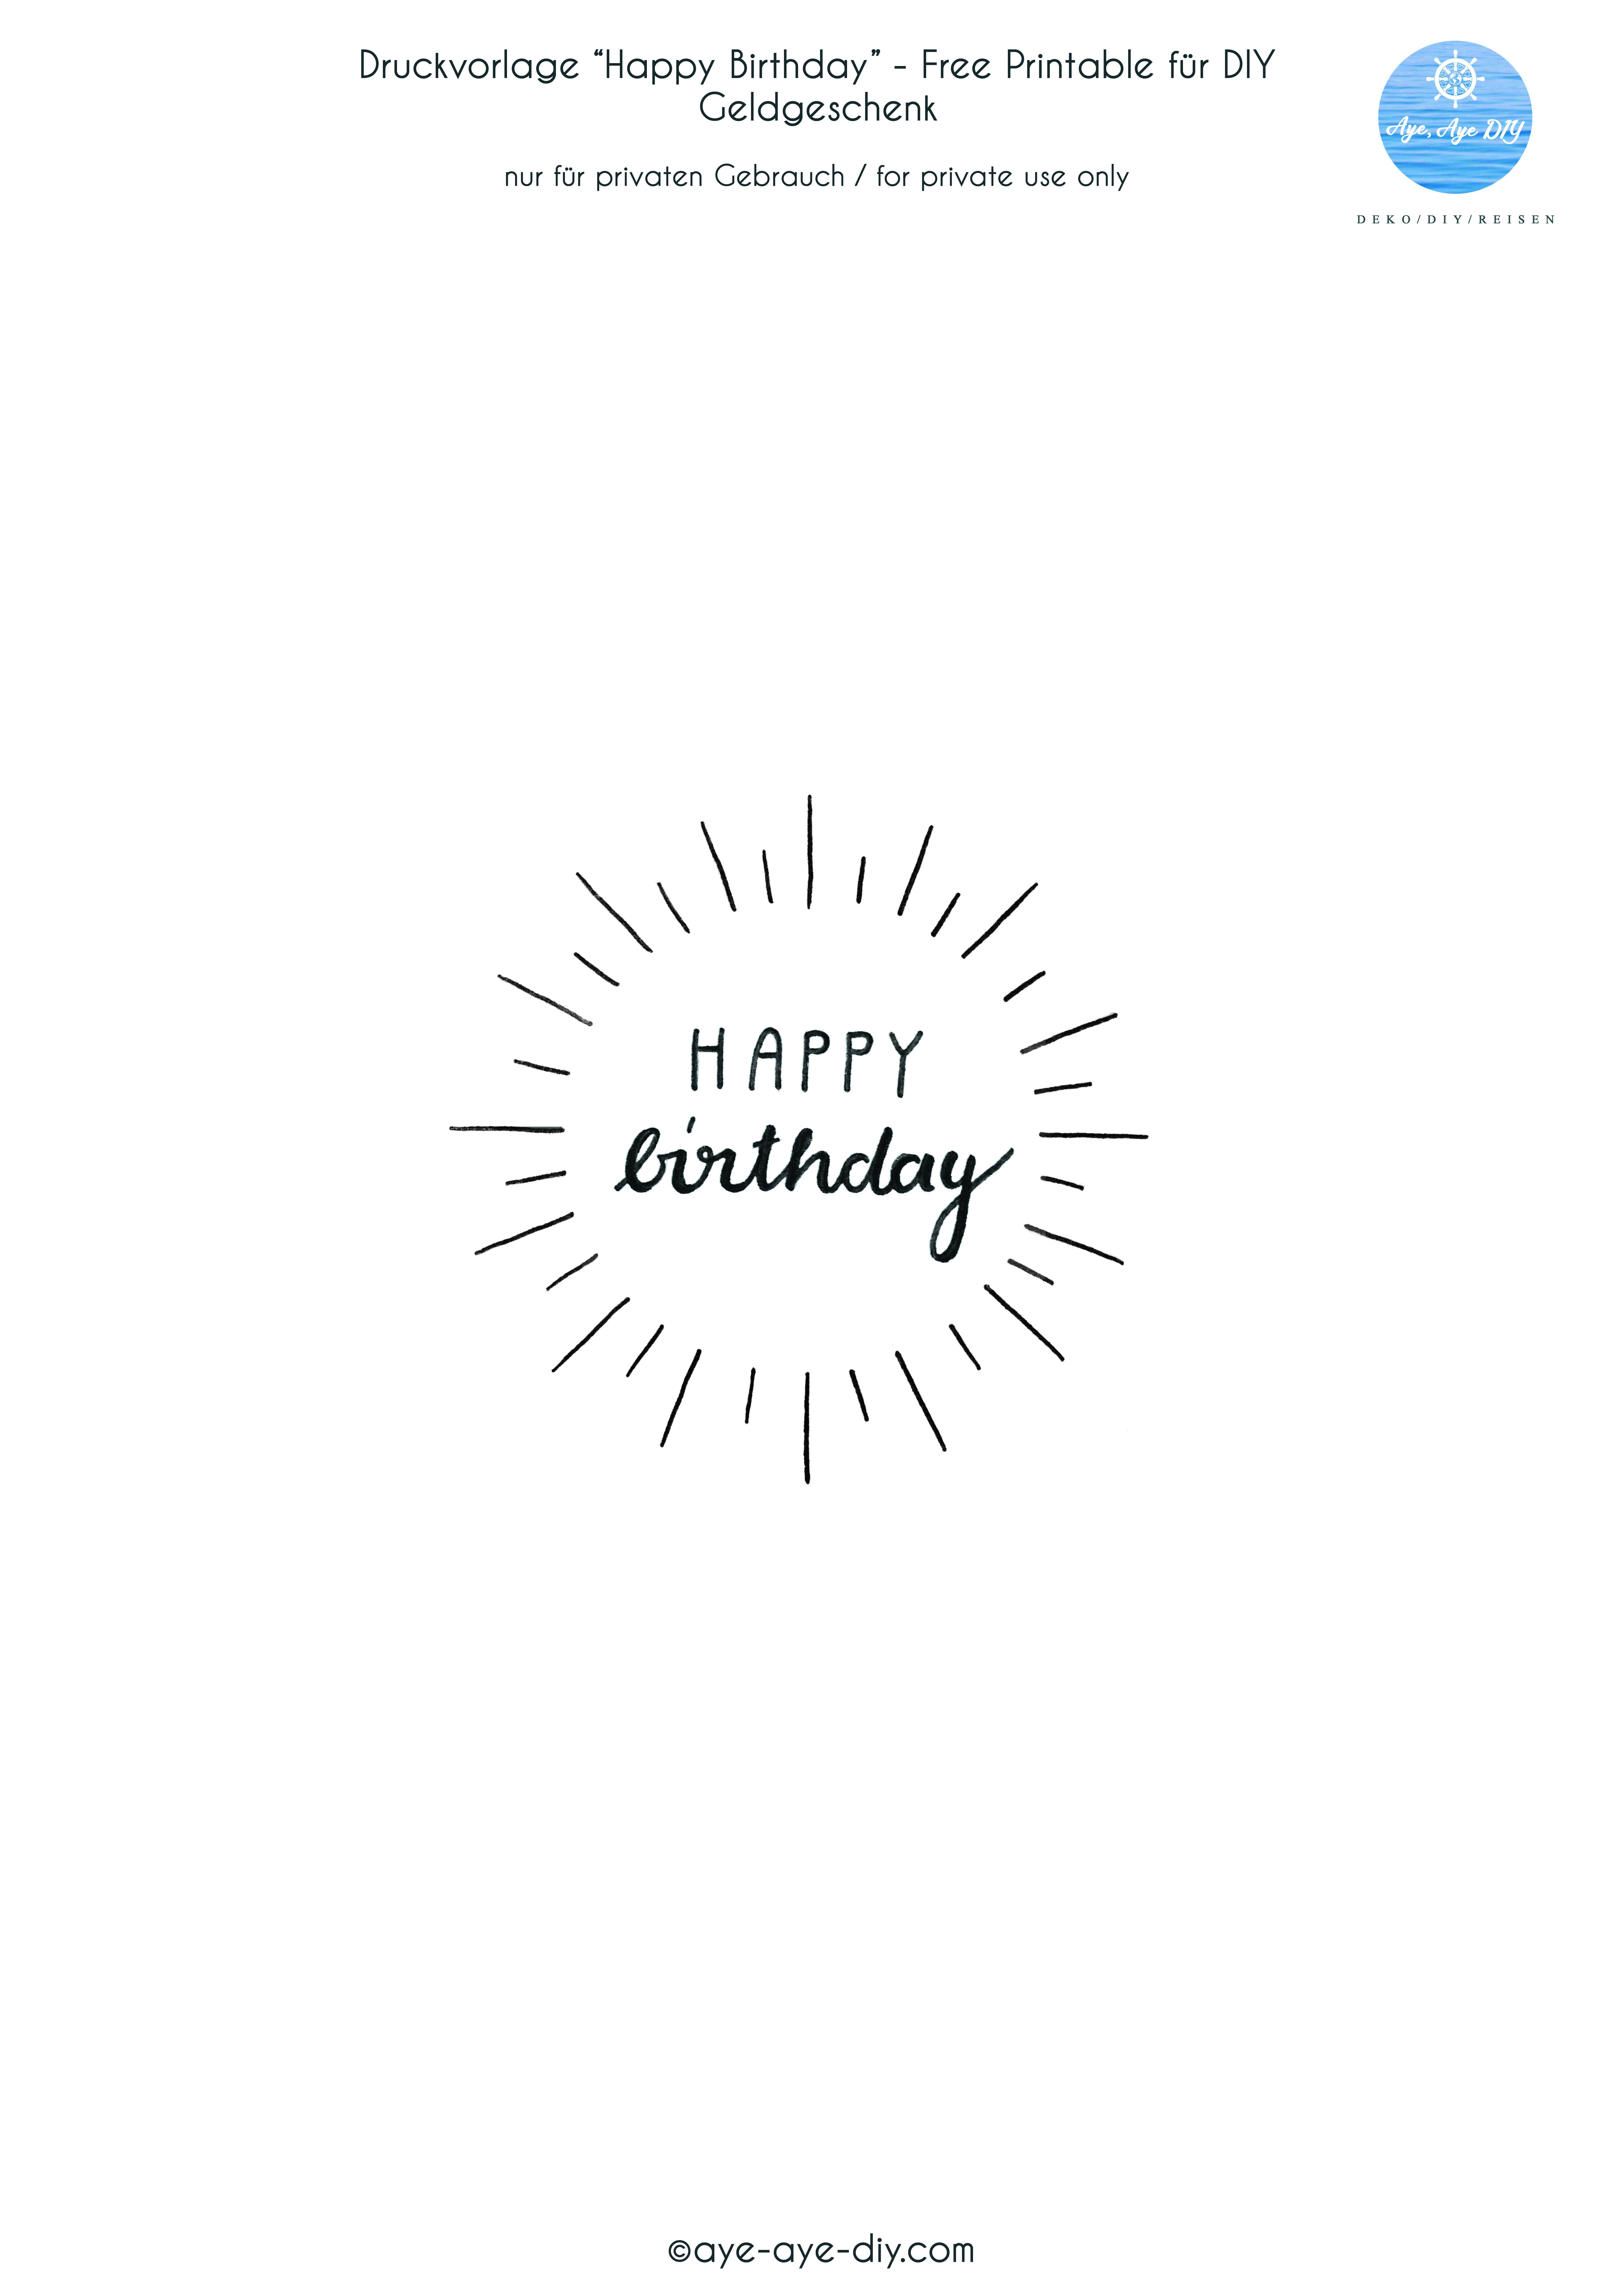 Happy birthday vorlage zum ausdrucken